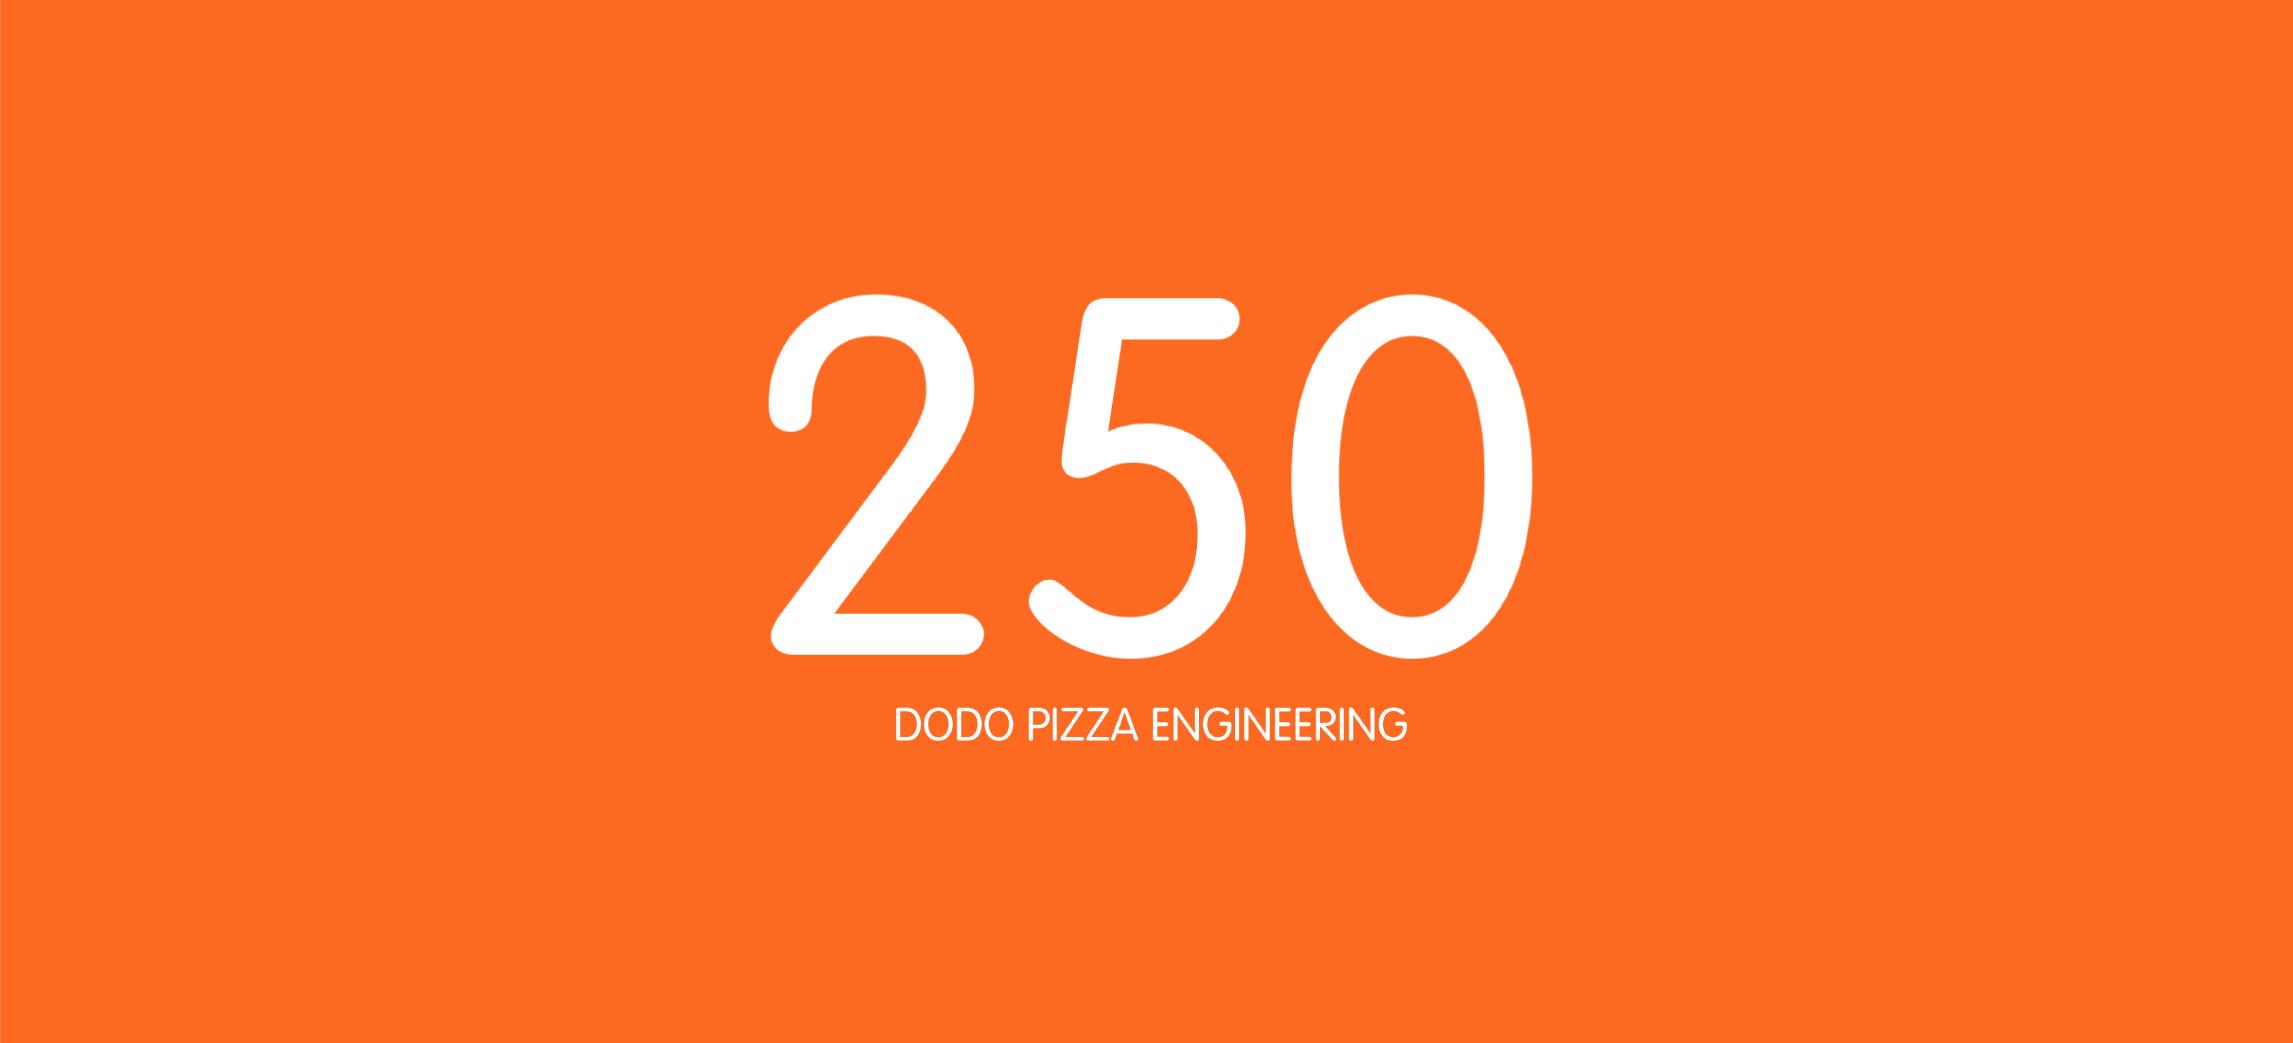 Зачем Додо Пицце 250 разработчиков? - 1